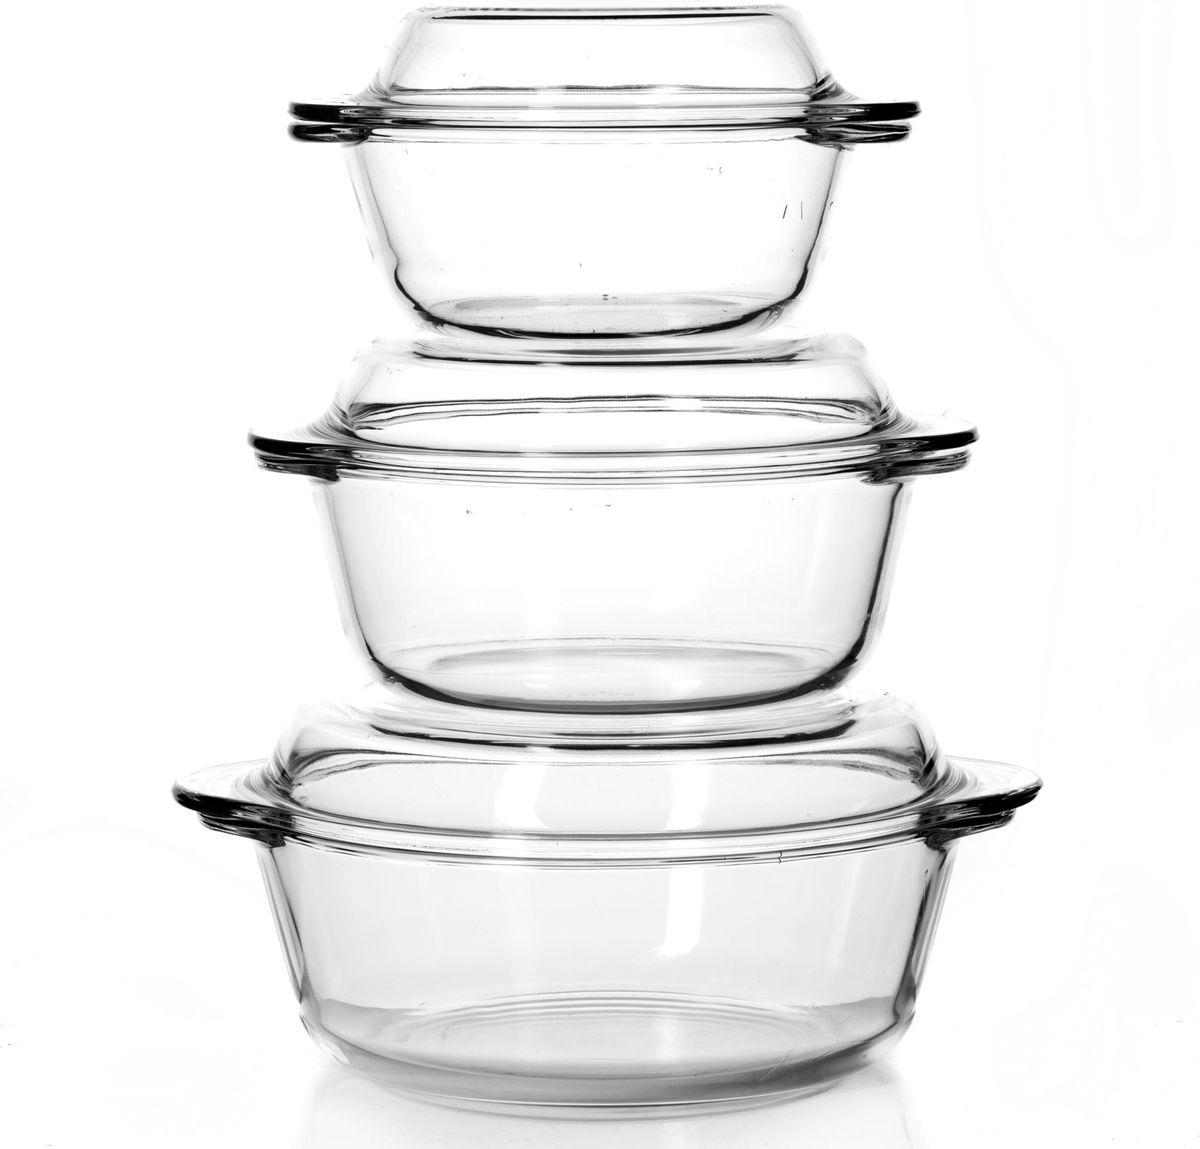 Набор посуды для СВЧ Pasabahce, 6 предметов. 159021159021Набор посуды для СВЧ 3 пр. (кастрюли с крышками 1л+1,5л+2л)